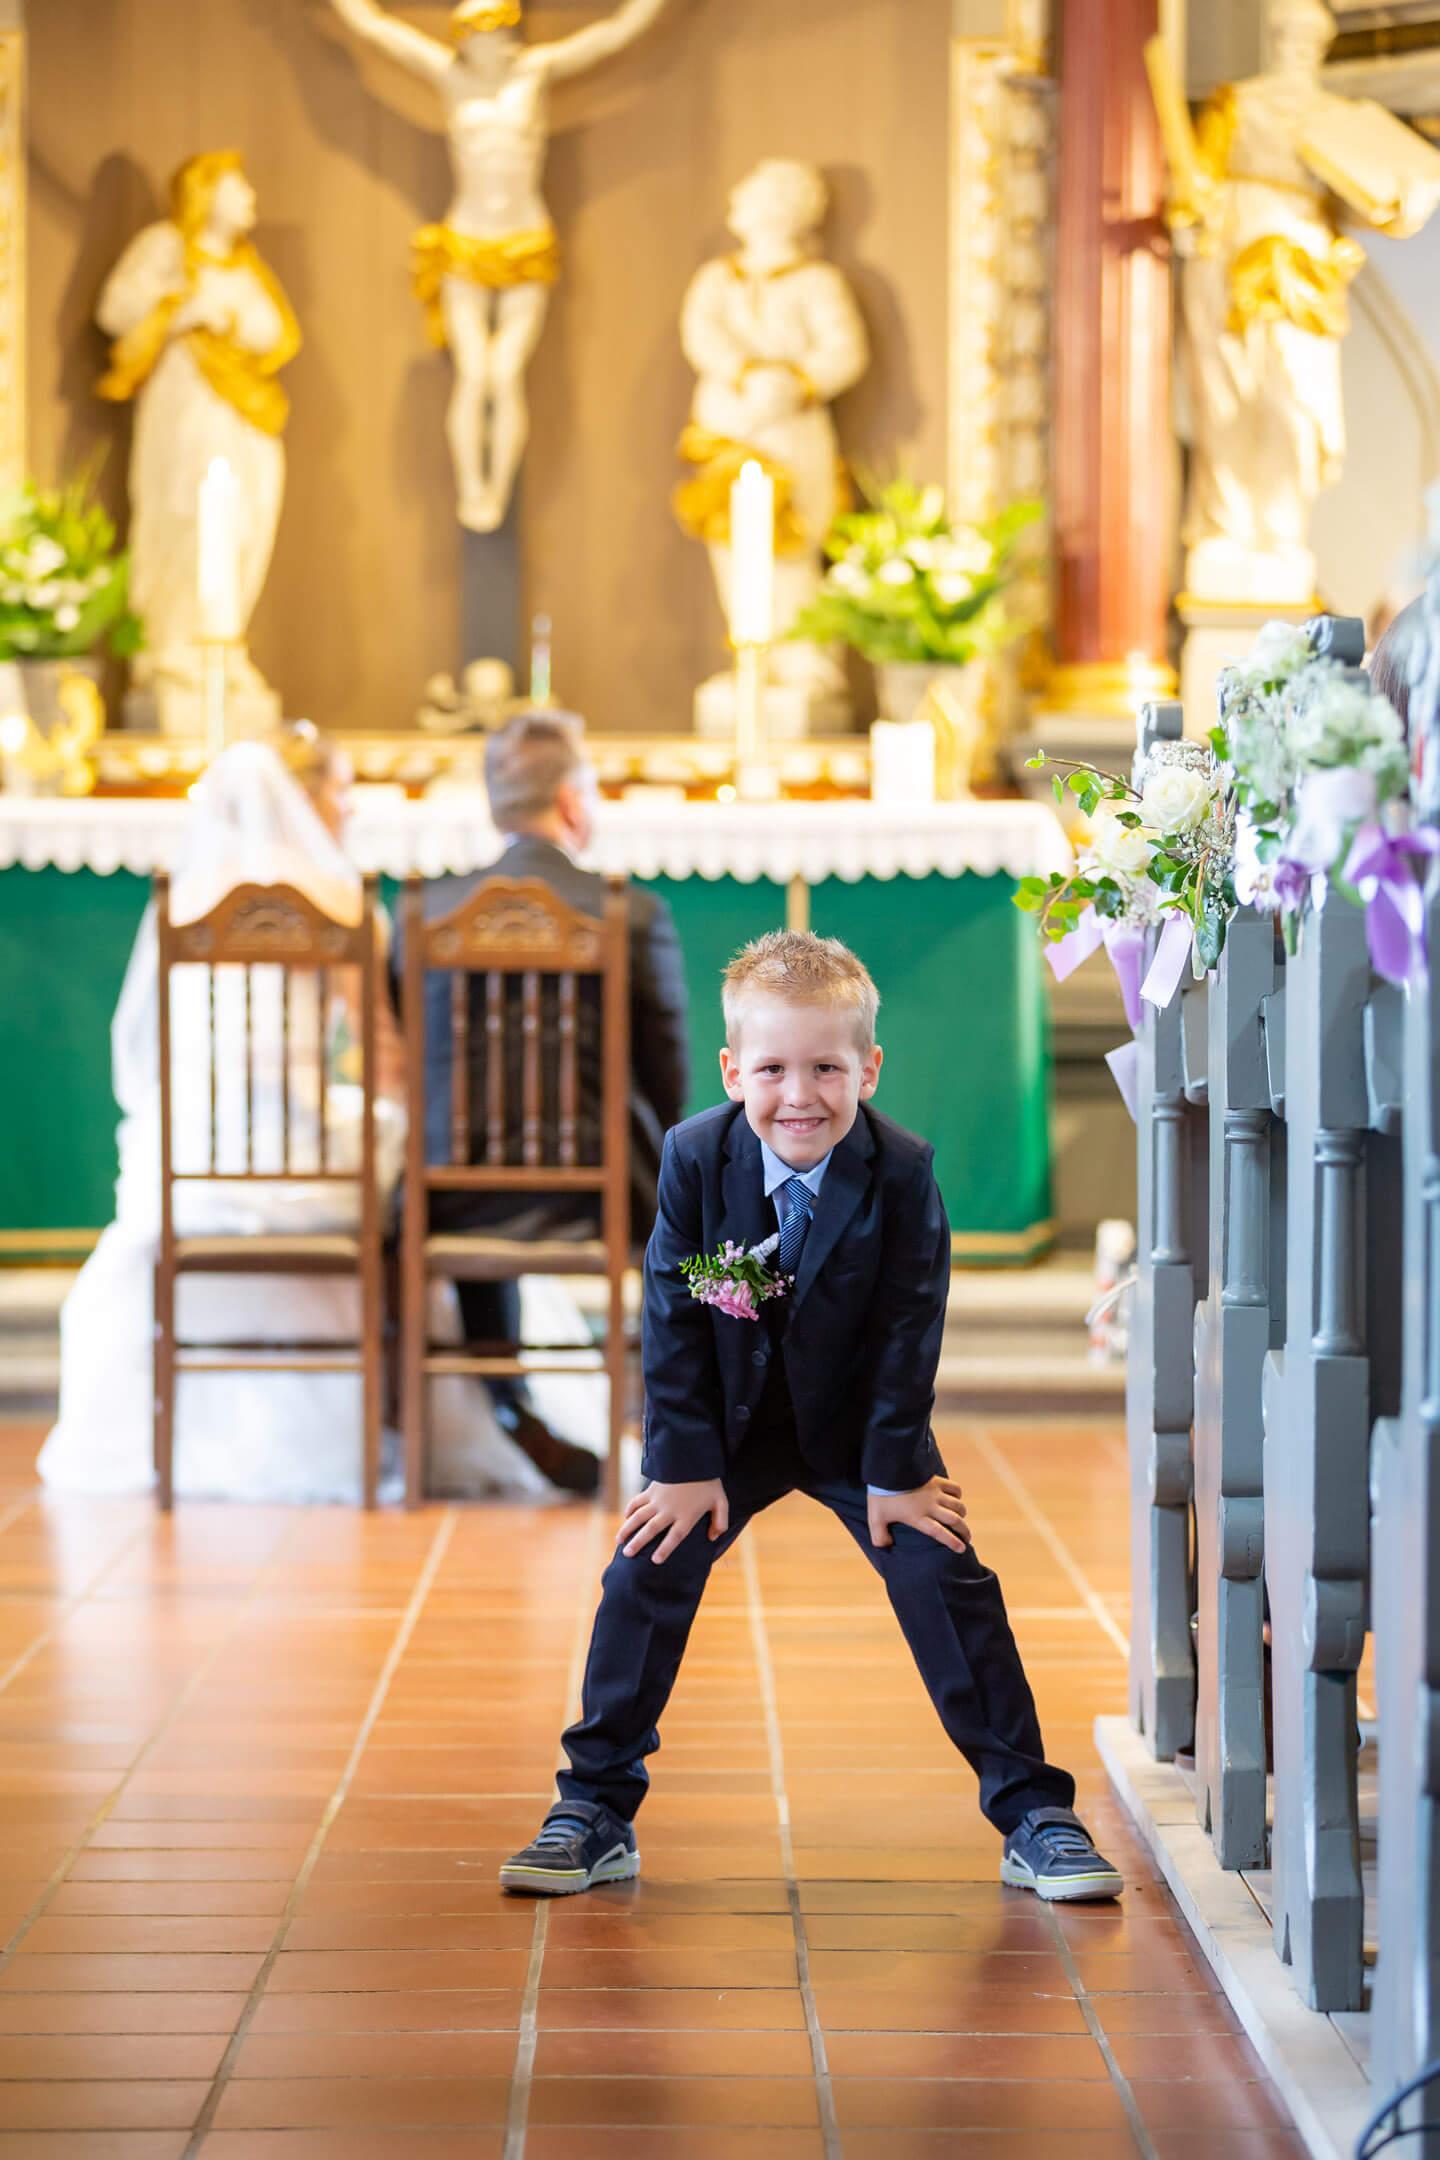 Kind guckt verschmitzt vom Kirchengang in die Kamera. Im Hintergrund sitzt das Brautpaar am Altar